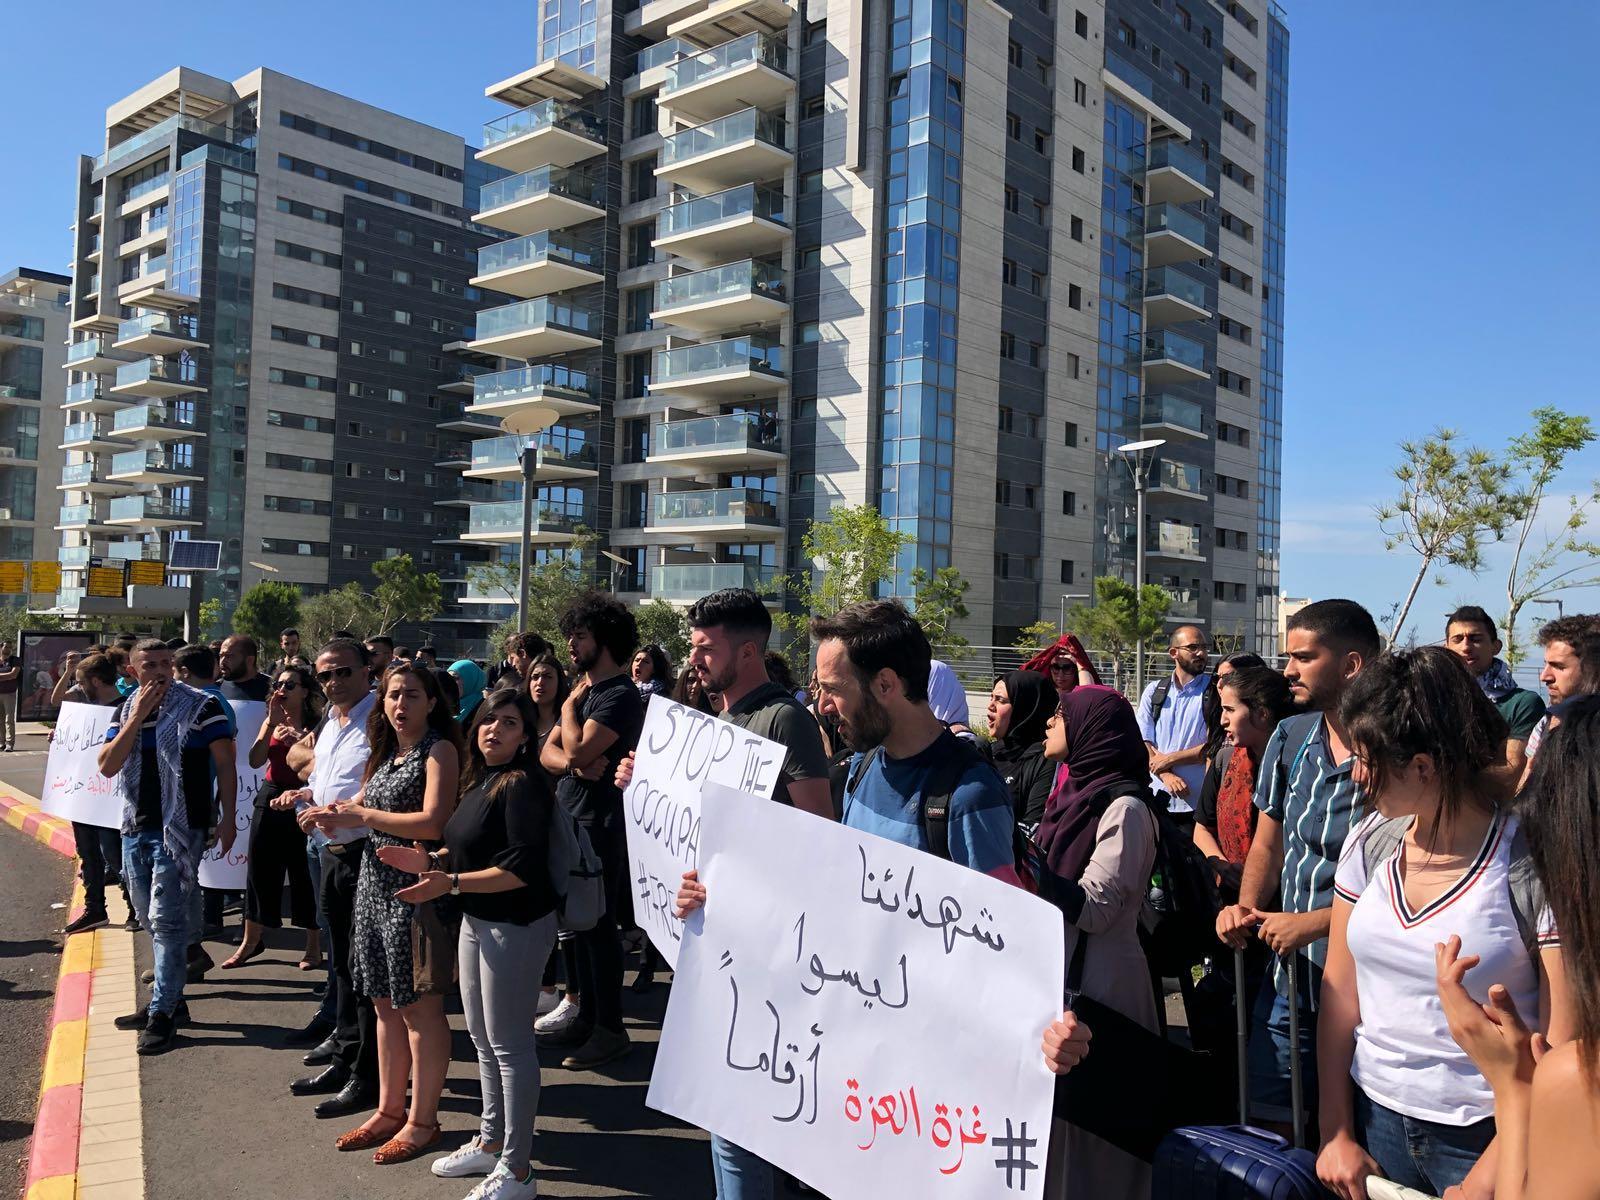 جامعة حيفا: الطلاب العرب يتظاهرون احتجاجا على مجازر الاحتلال